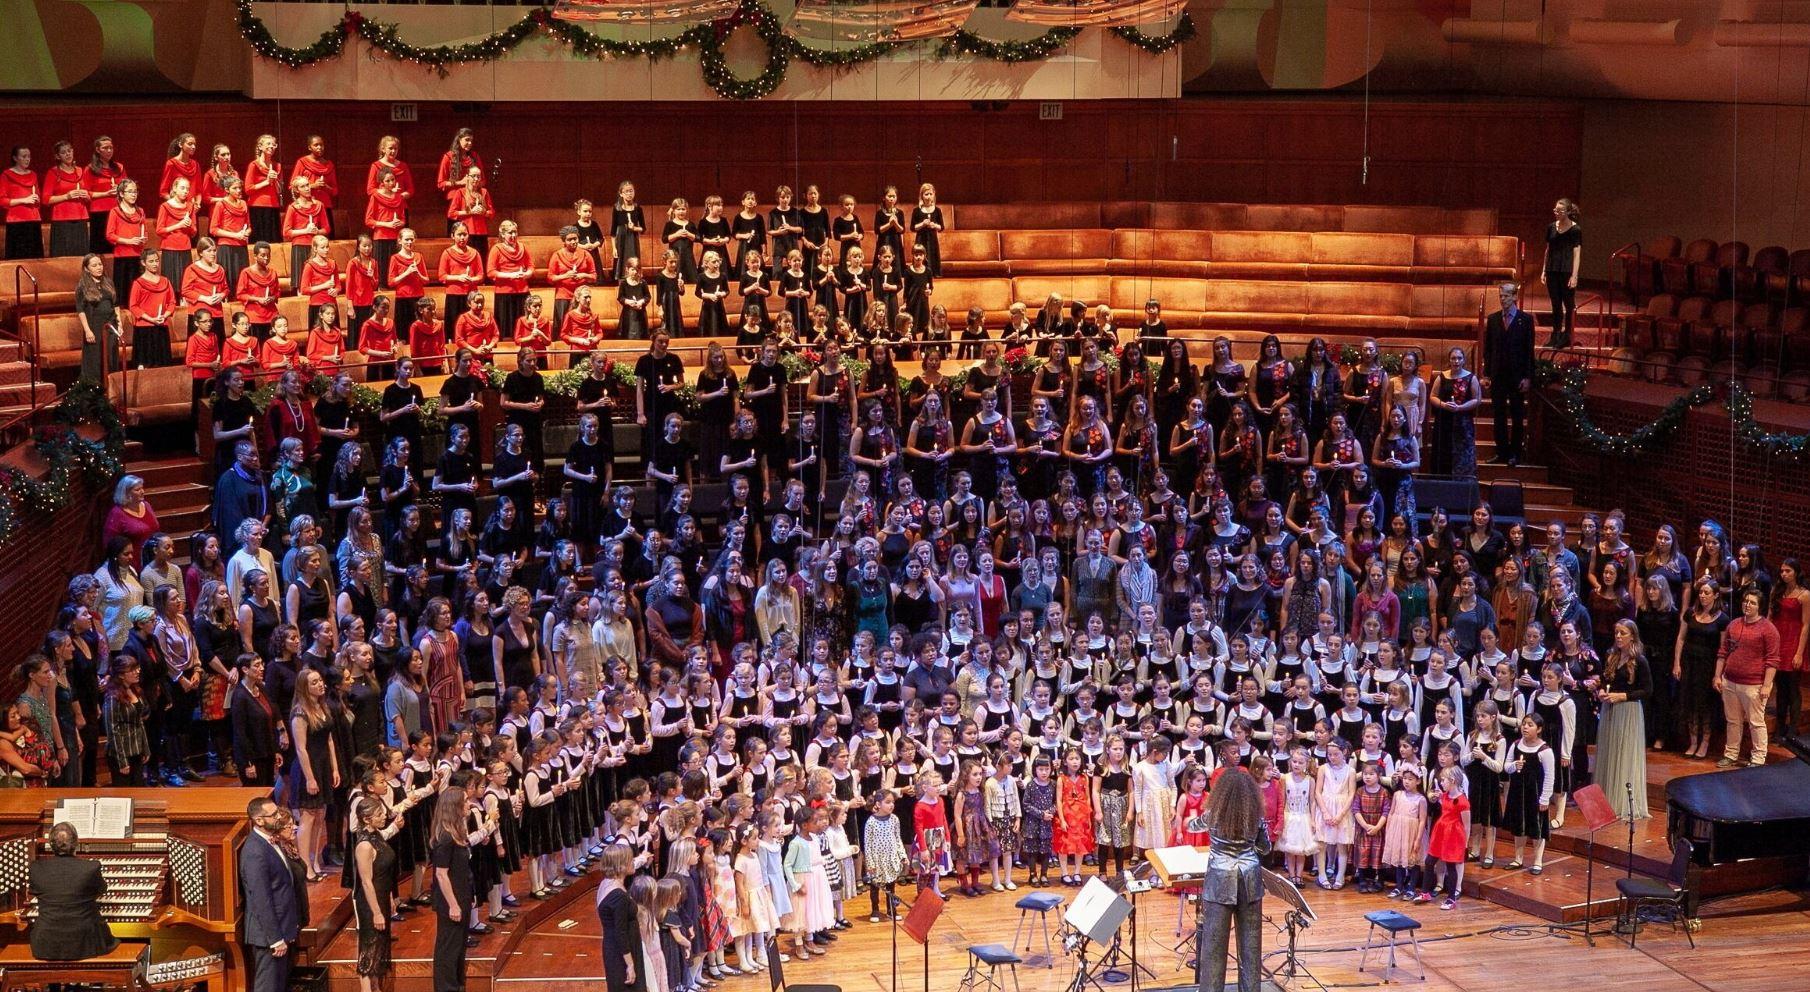 San Francisco Girls Chorus au Davies Symphony Hall pour les Chants de Noël